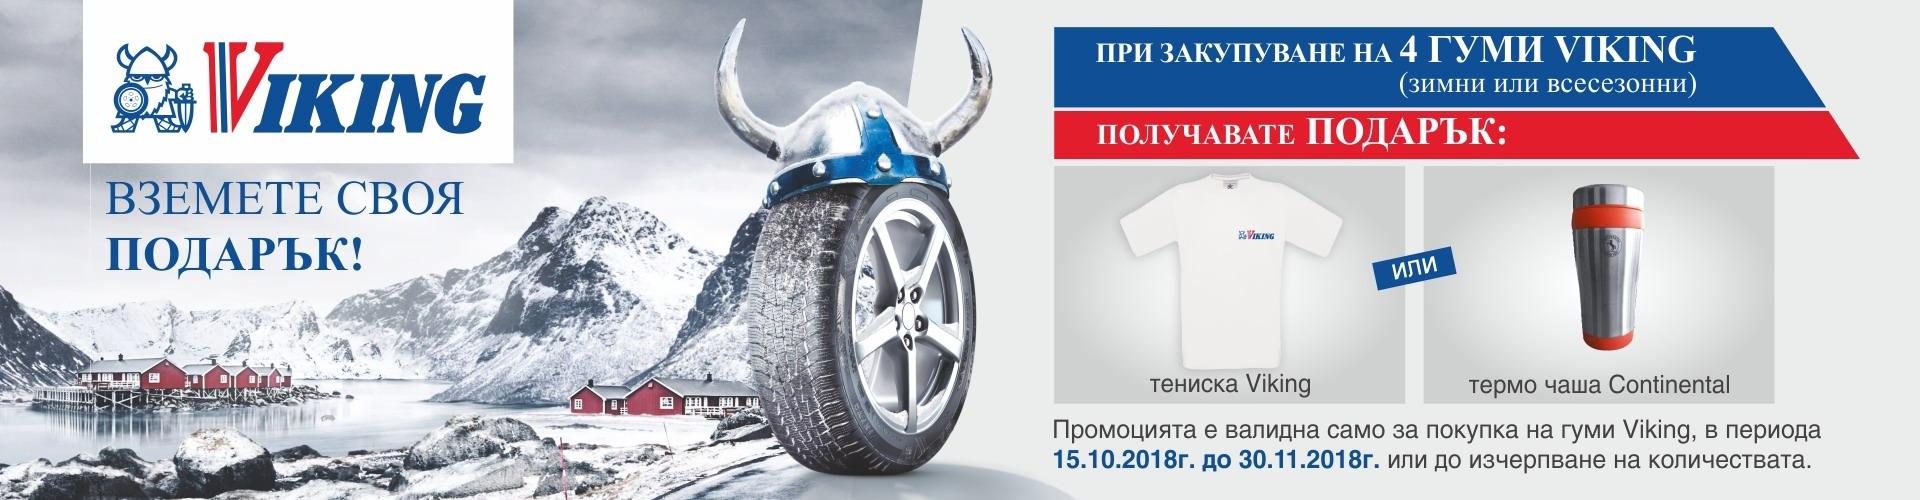 promo_viking_15-10-2018_30-11-2018_banner.jpg